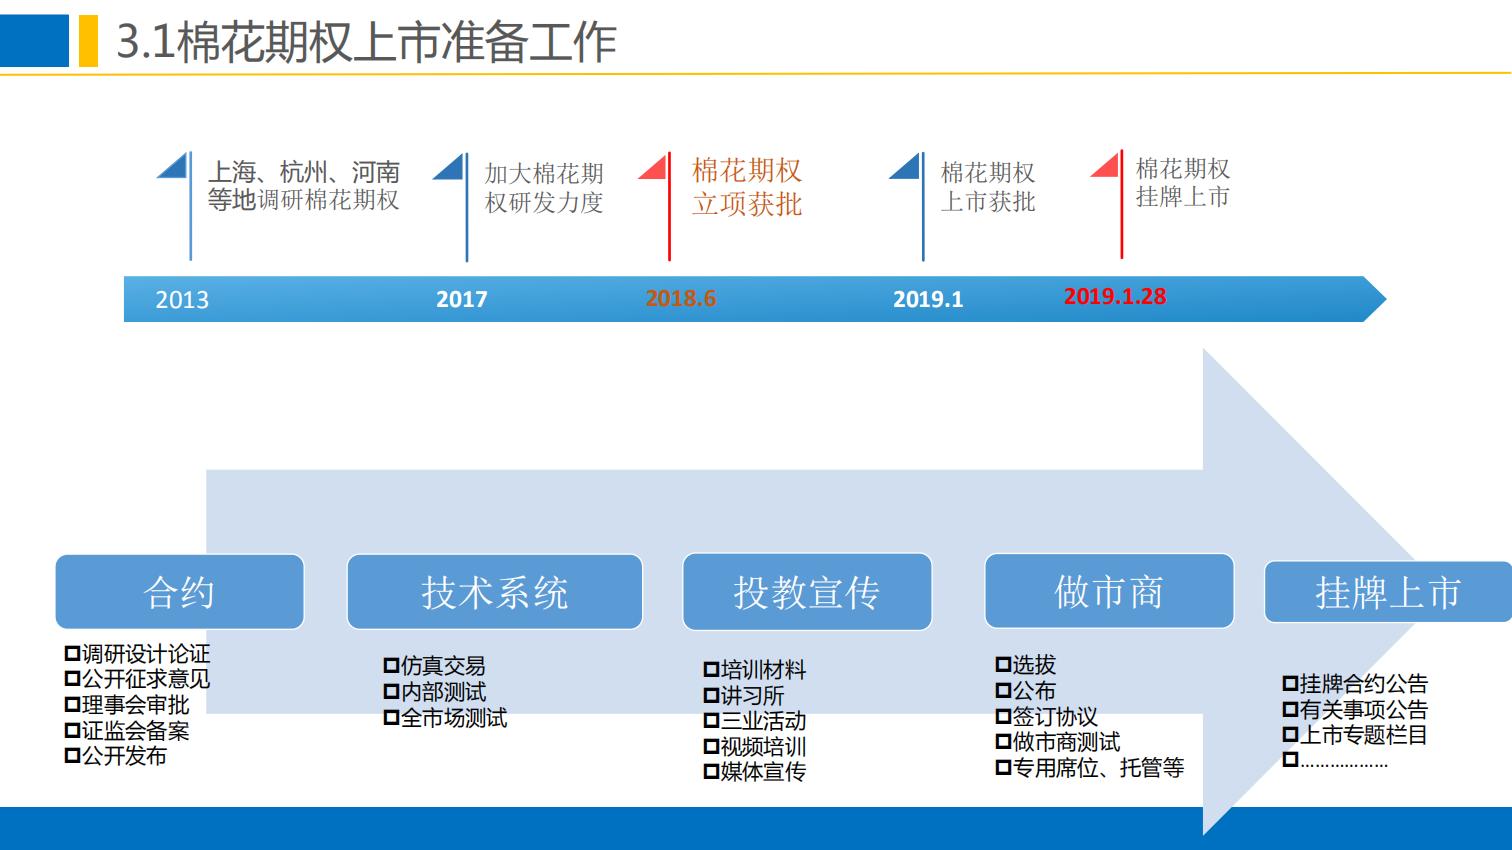 晨会:郑商所培训分享-棉花期权合约规则与上市工作安排0111.pdfx_27.png